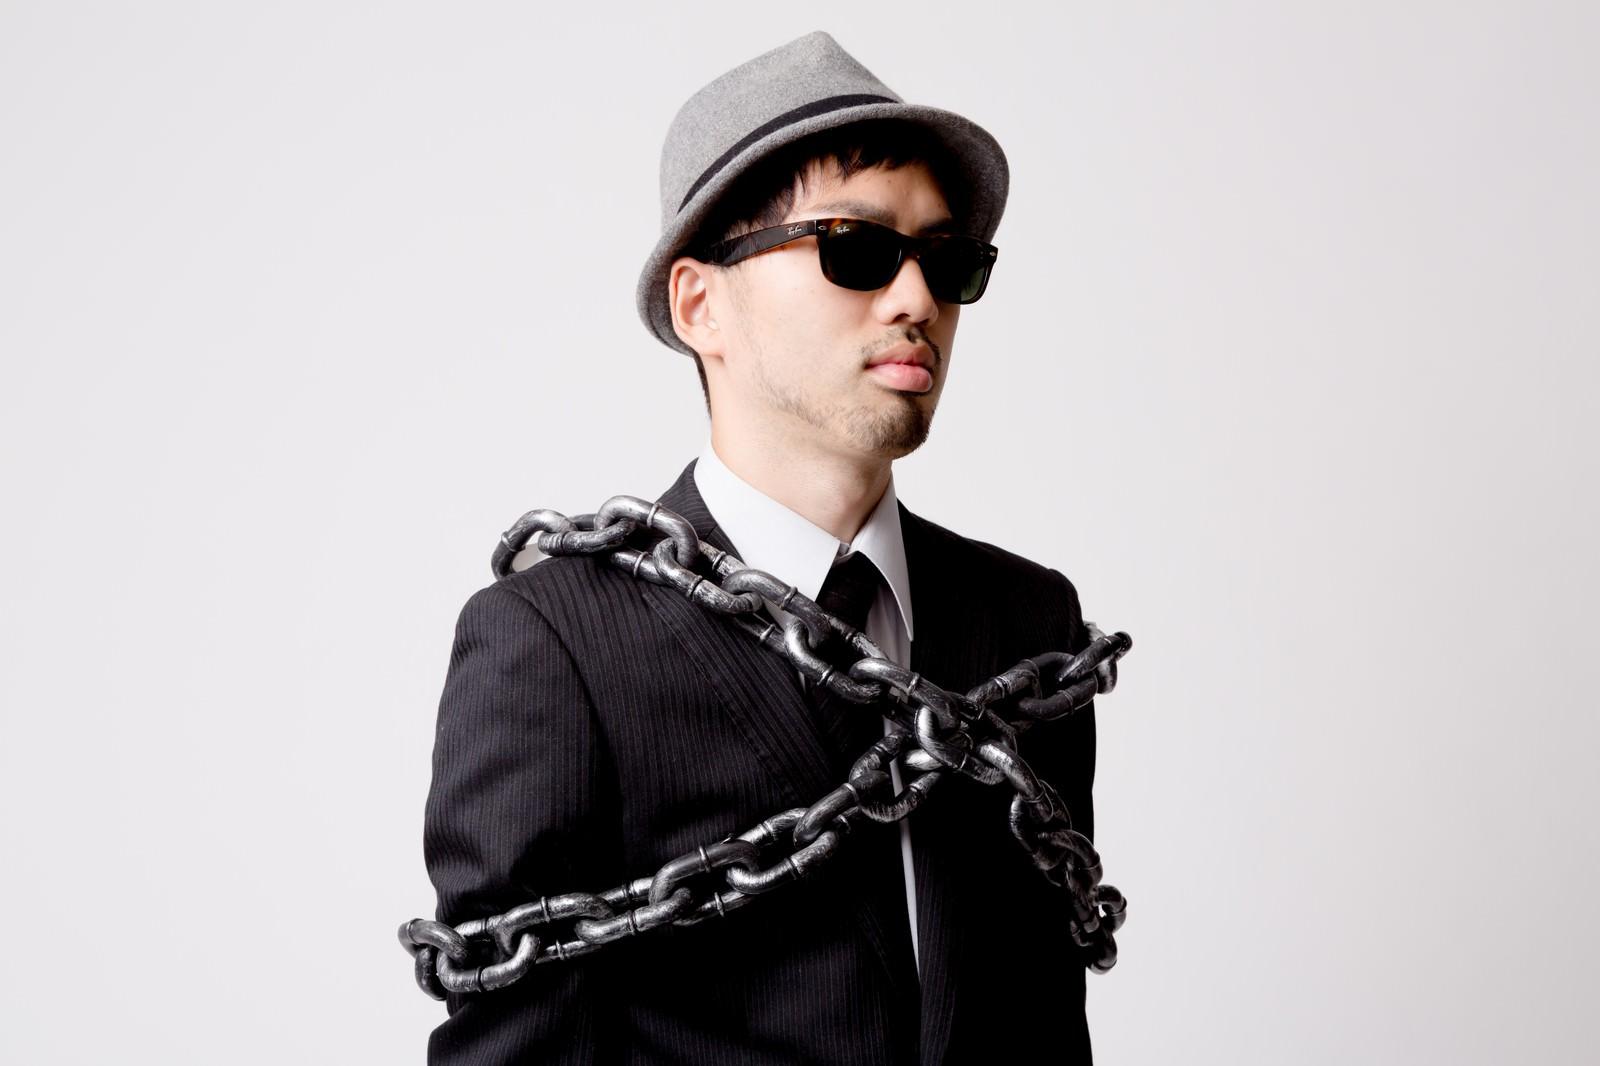 「鎖で束縛されるエージェント鎖で束縛されるエージェント」[モデル:ひろゆき]のフリー写真素材を拡大